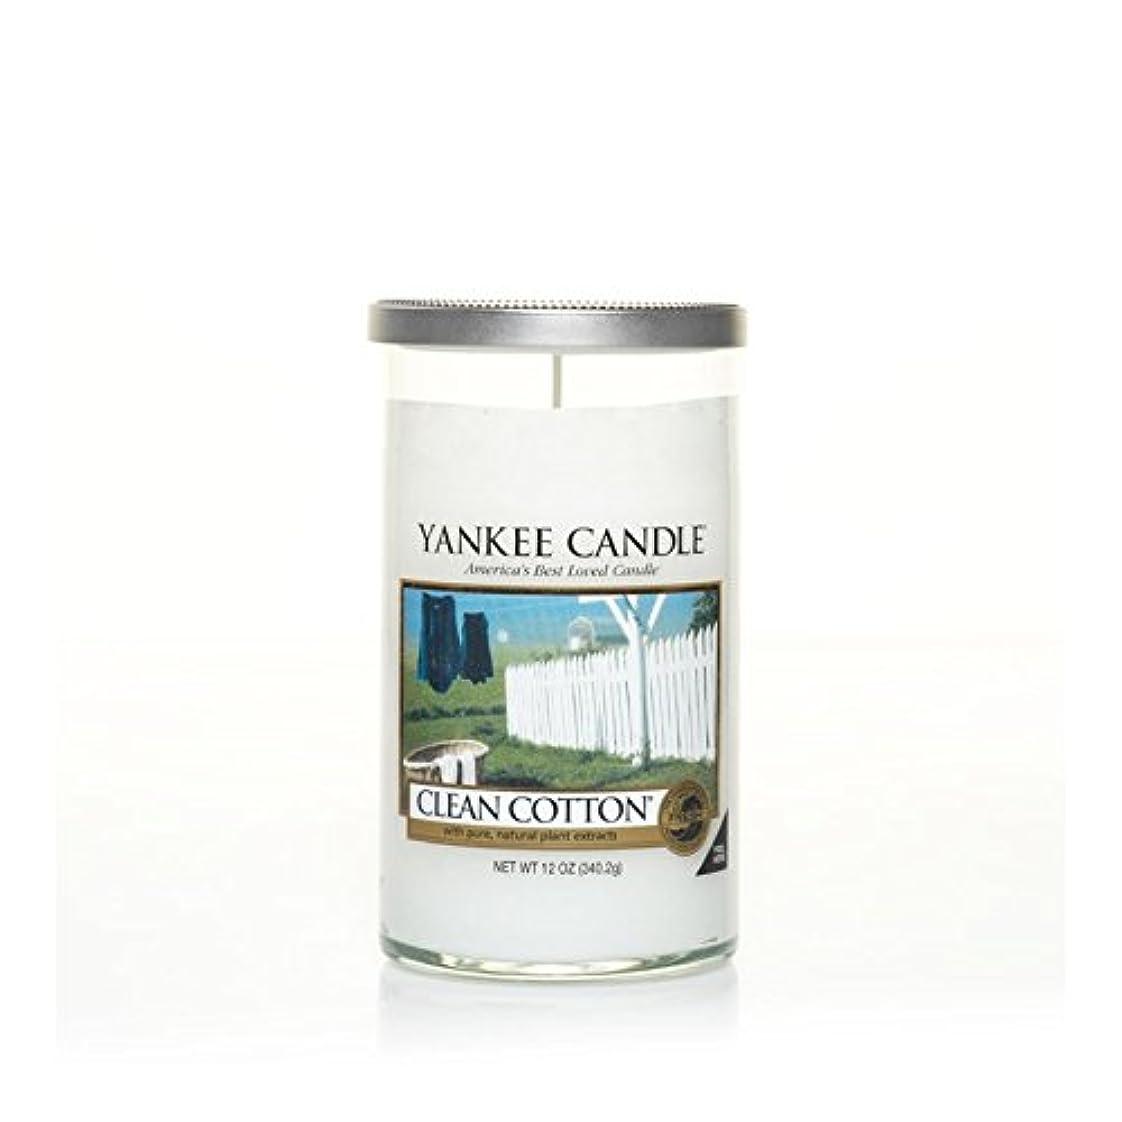 虚弱行商人シーフードYankee Candles Medium Pillar Candle - Clean Cotton (Pack of 2) - ヤンキーキャンドルメディアピラーキャンドル - きれいな綿 (x2) [並行輸入品]